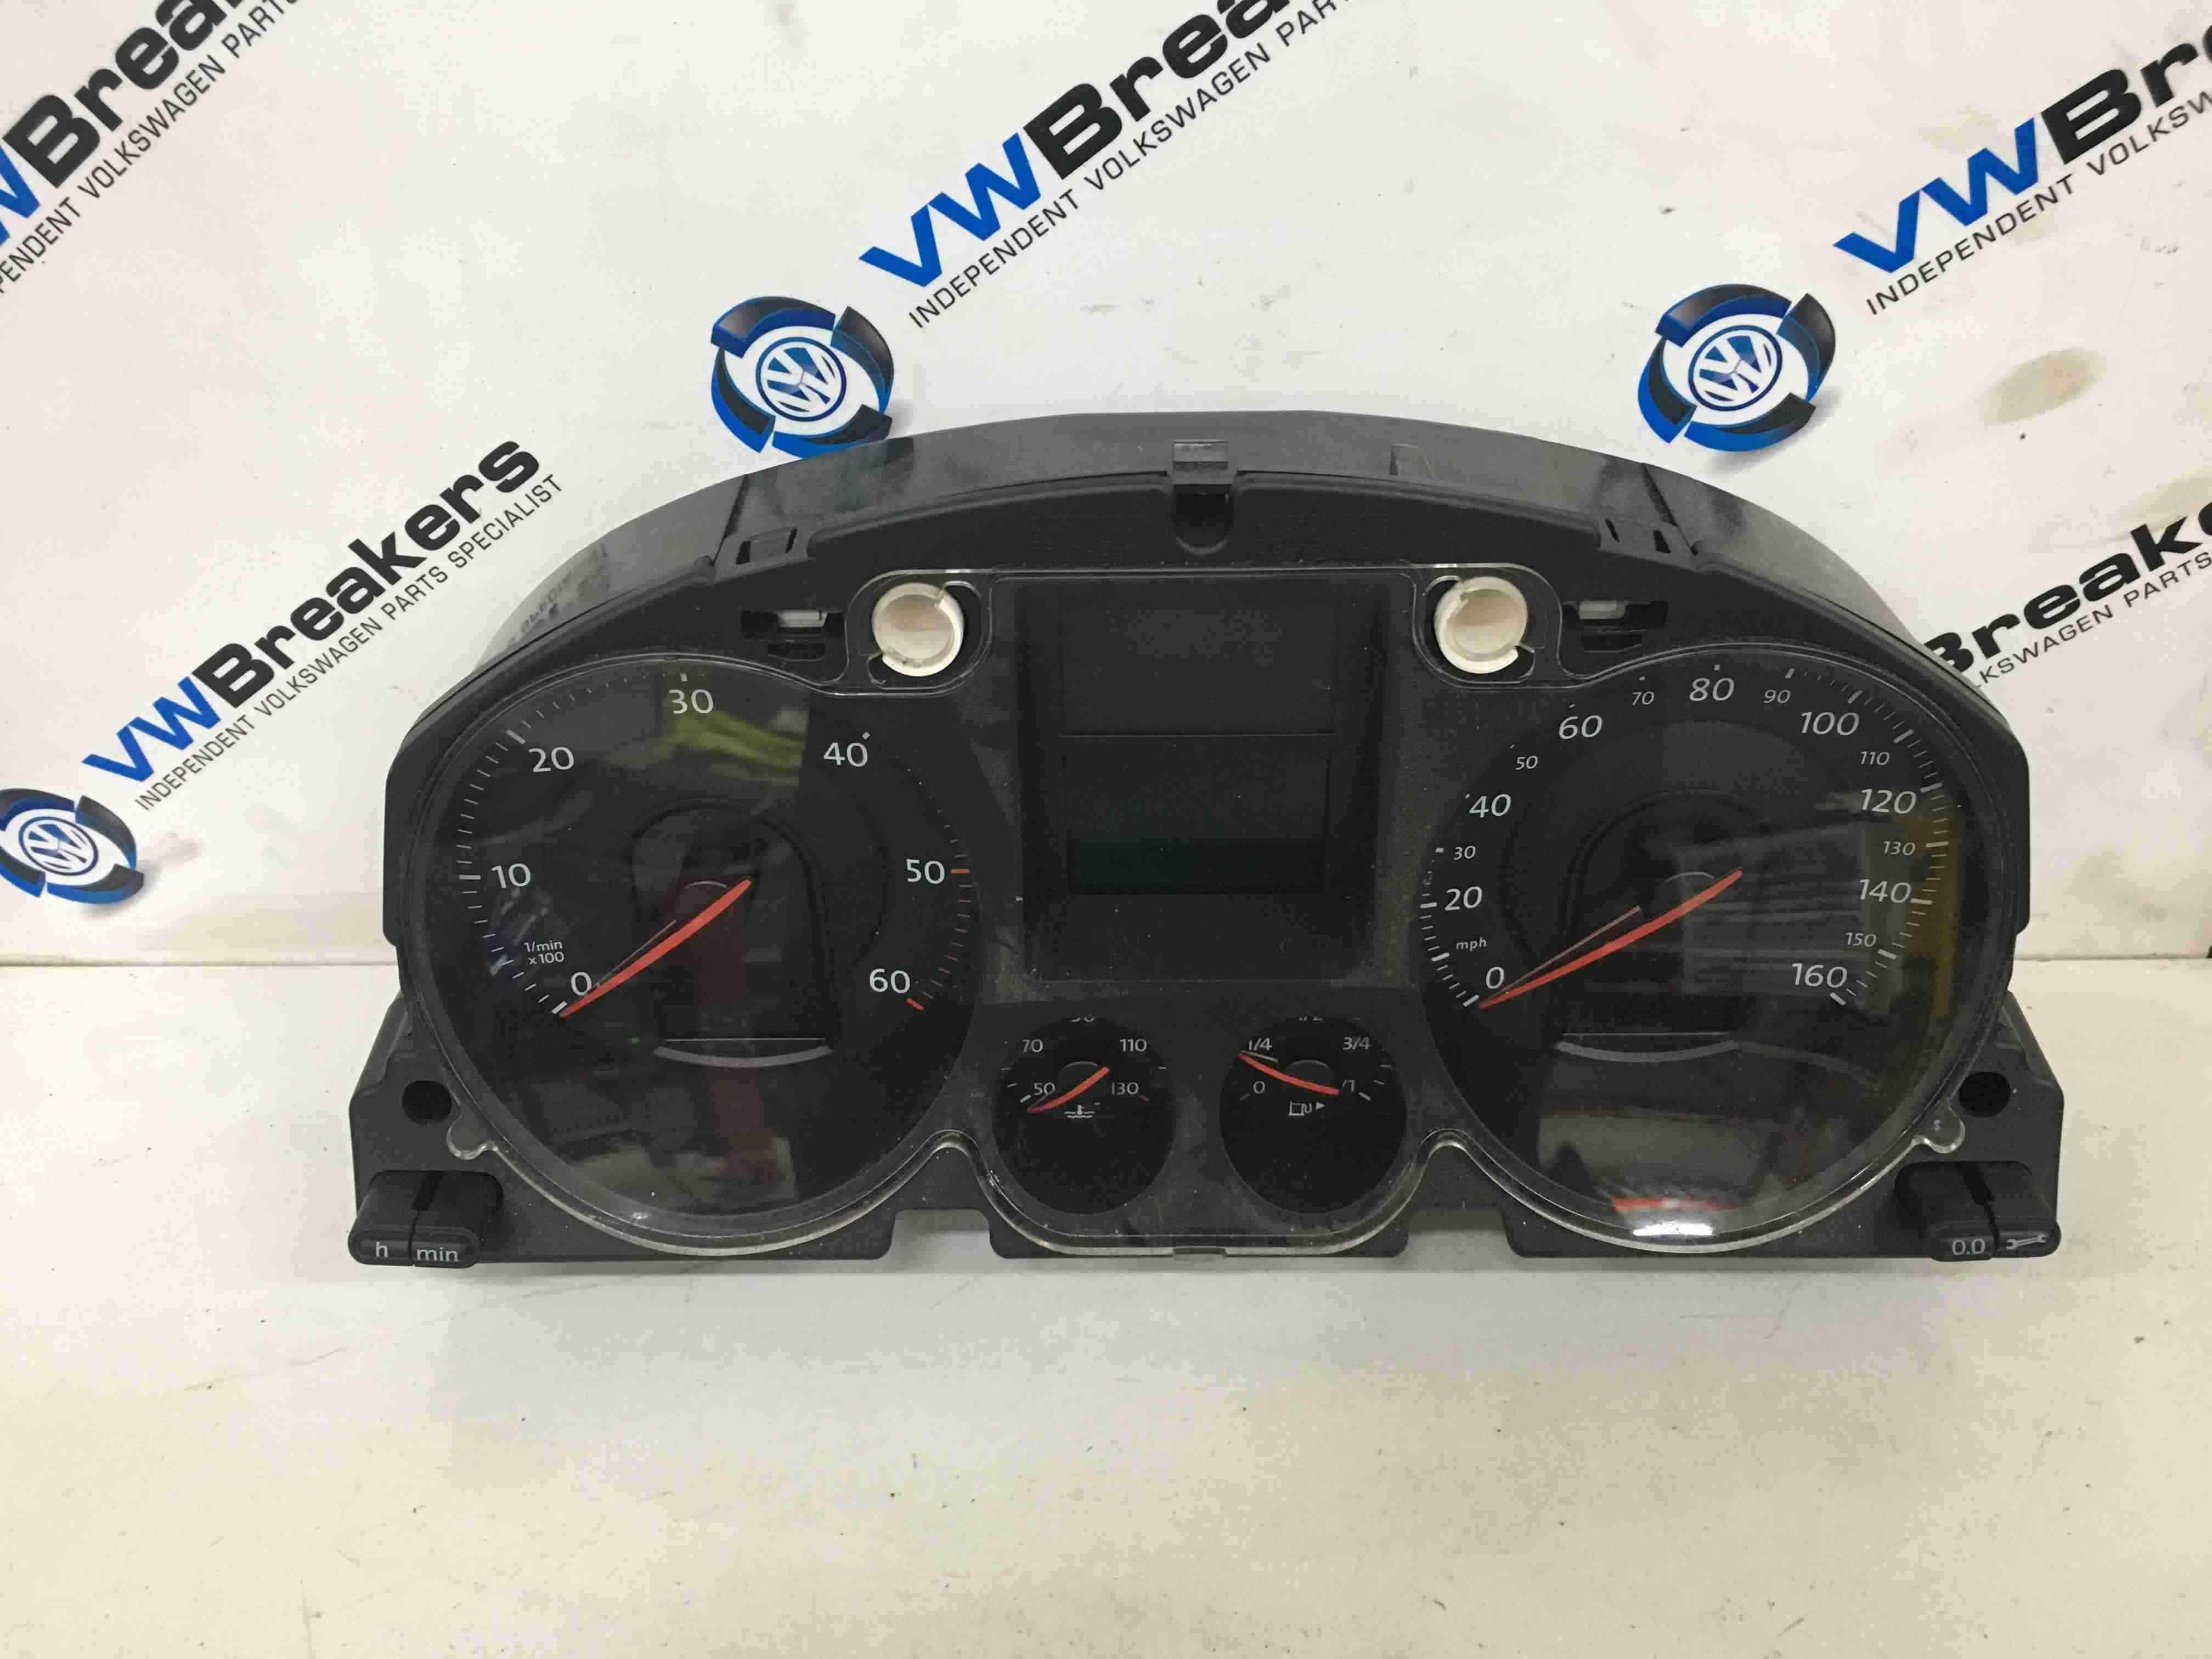 Volkswagen Passat B6 2005-2010 Instrument Panel Dials Gauges Cluster 3C0920960A